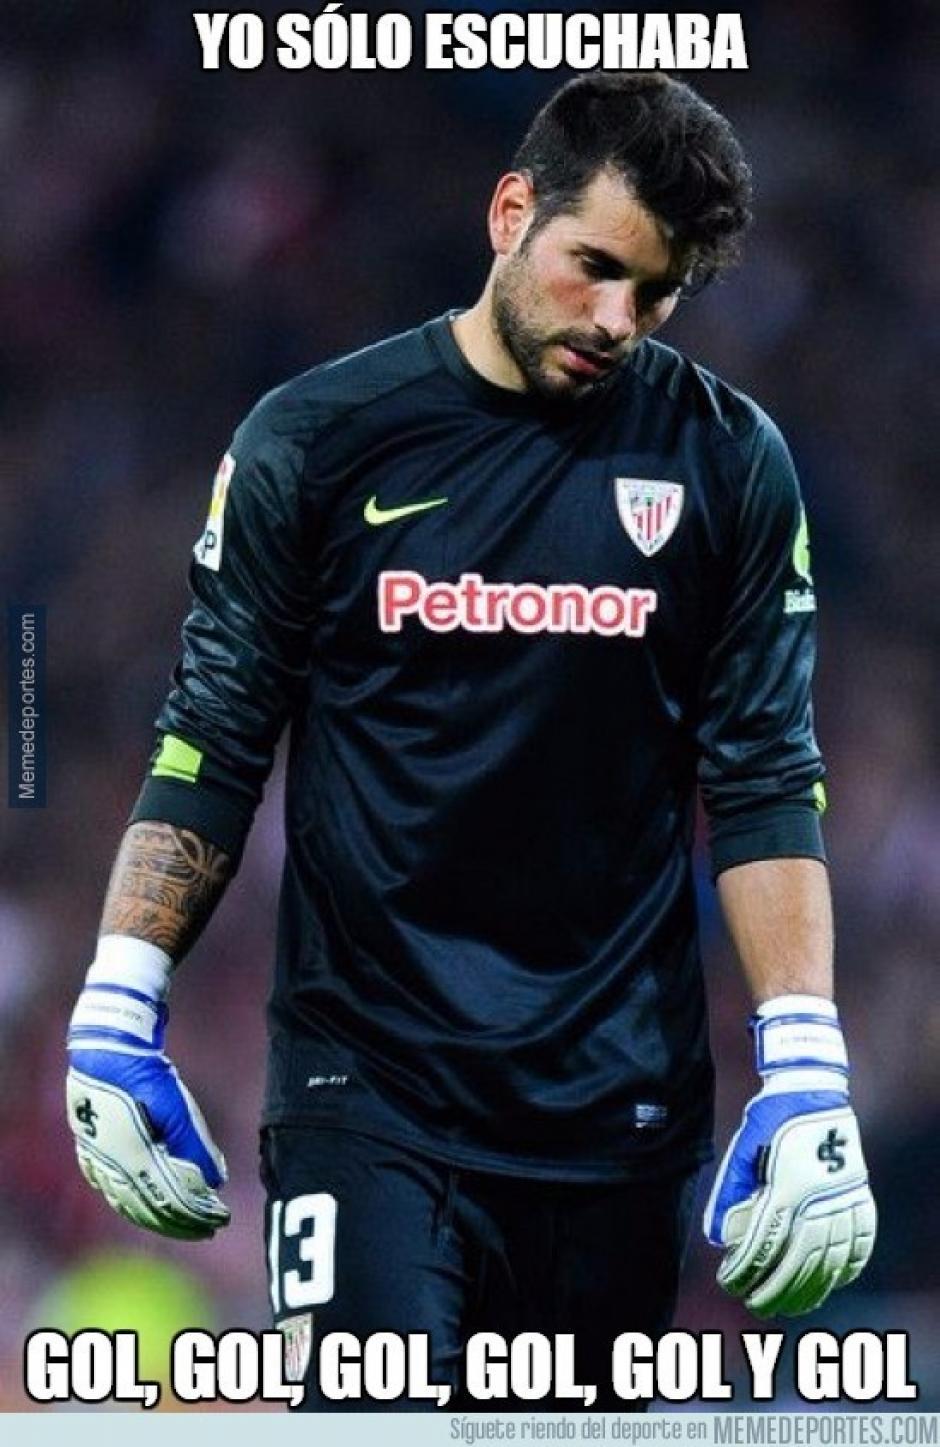 En redes sociales se burlaron del portero del Athletic. (Imagen: memedeportes.com)